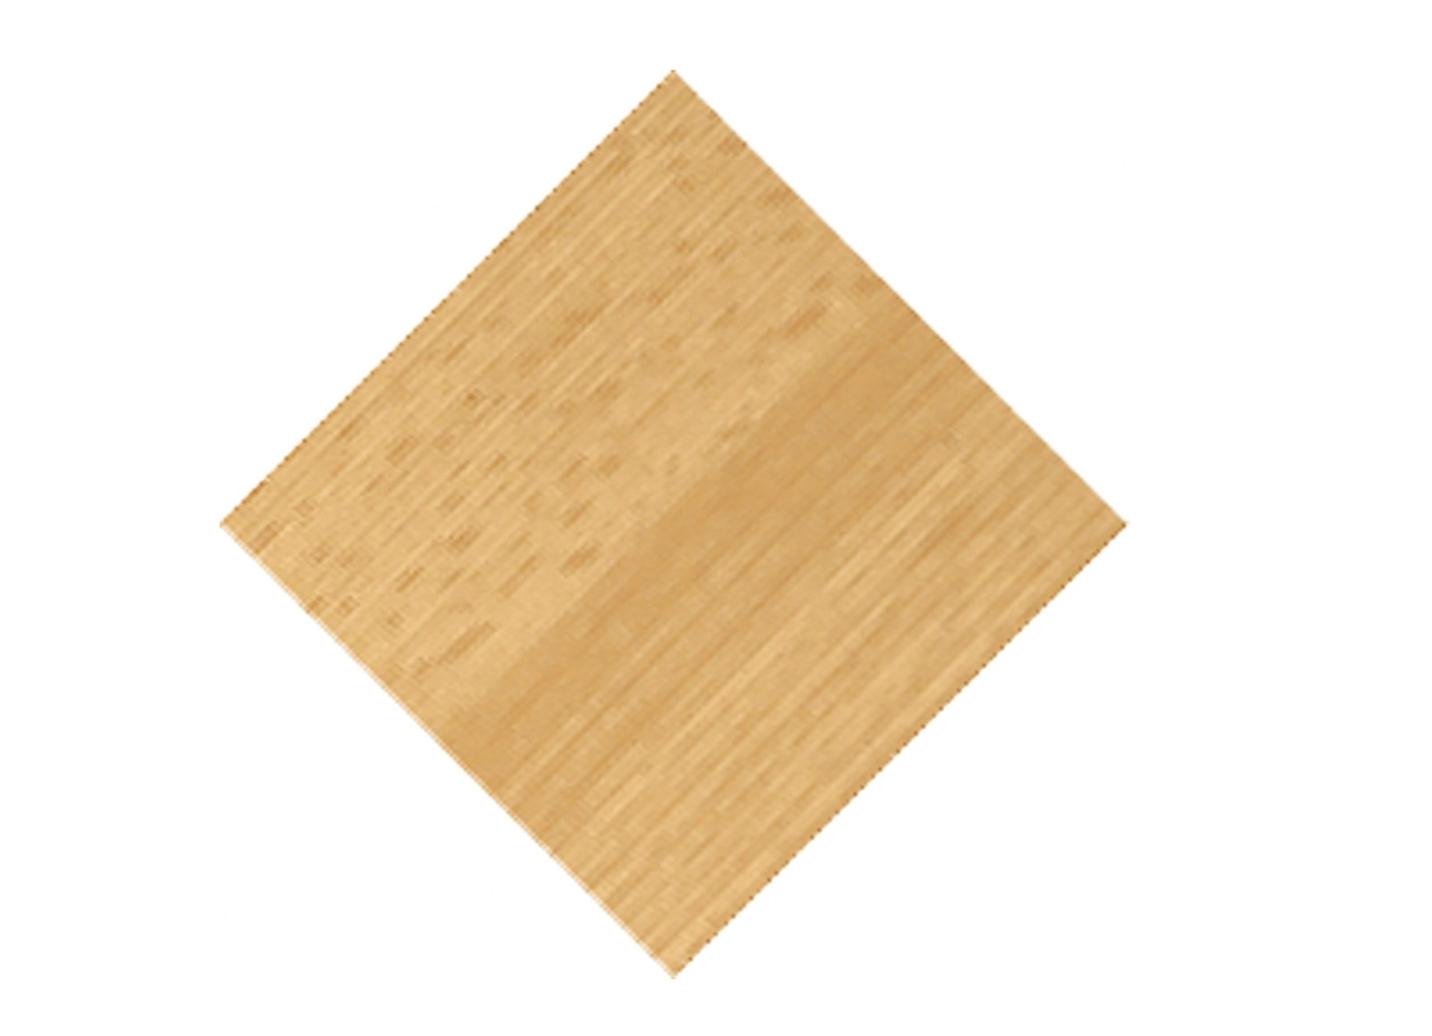 Couchtisch in verschiedenen Ausführungen  Tische  BADER